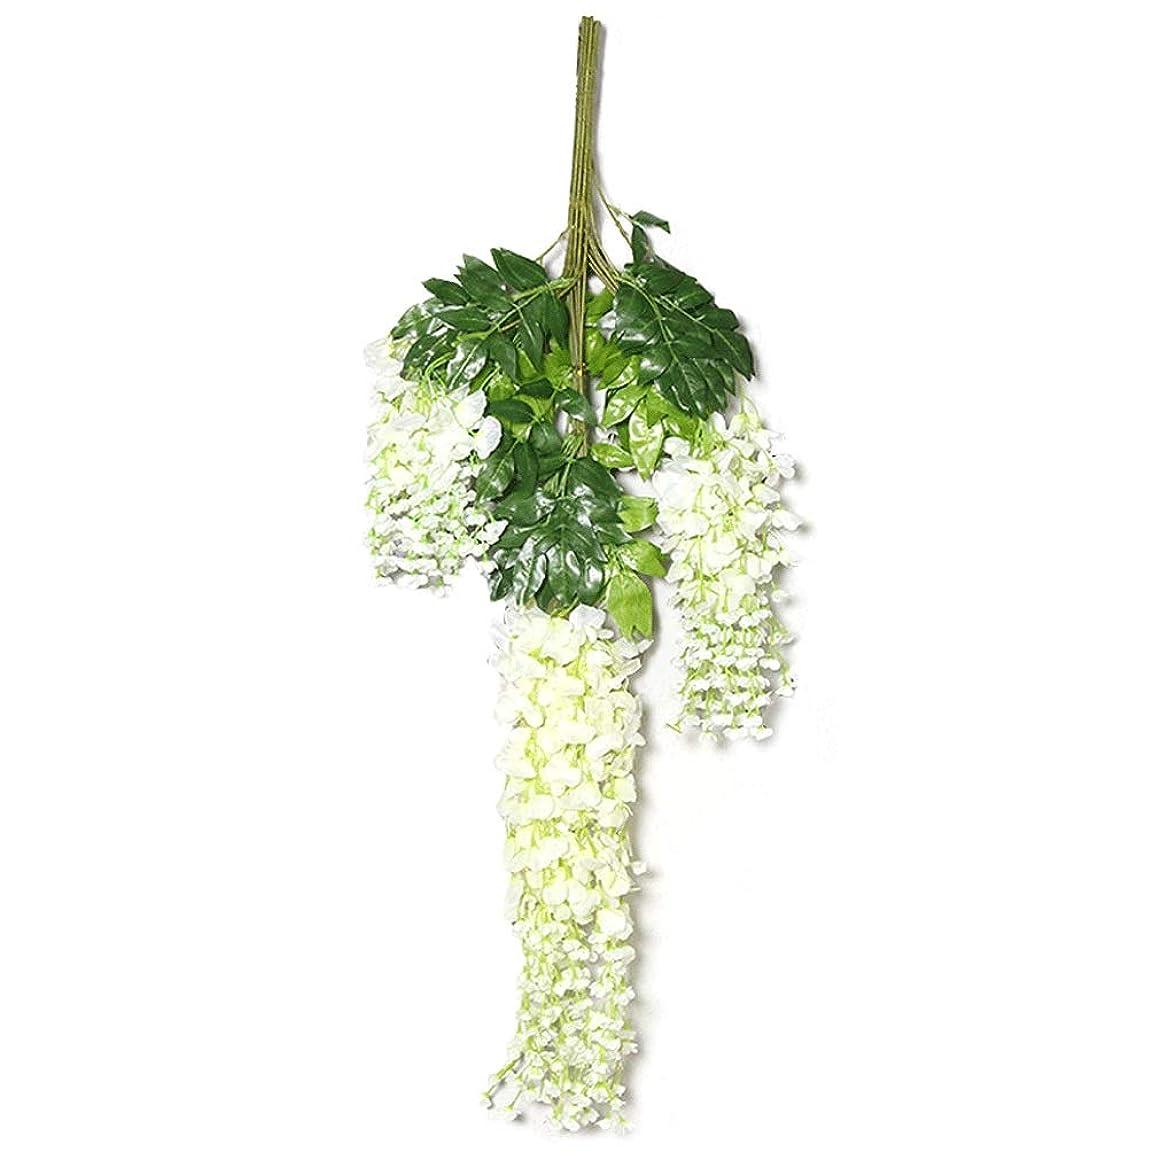 言語学合理化お酒GCX- フェイクフラワー模擬藤屋根の天井バイオレット花のプラスチック製の装飾品のハンギング花植物屋内ハンギング天井の12本のスティック 永久 (Color : Milky white)